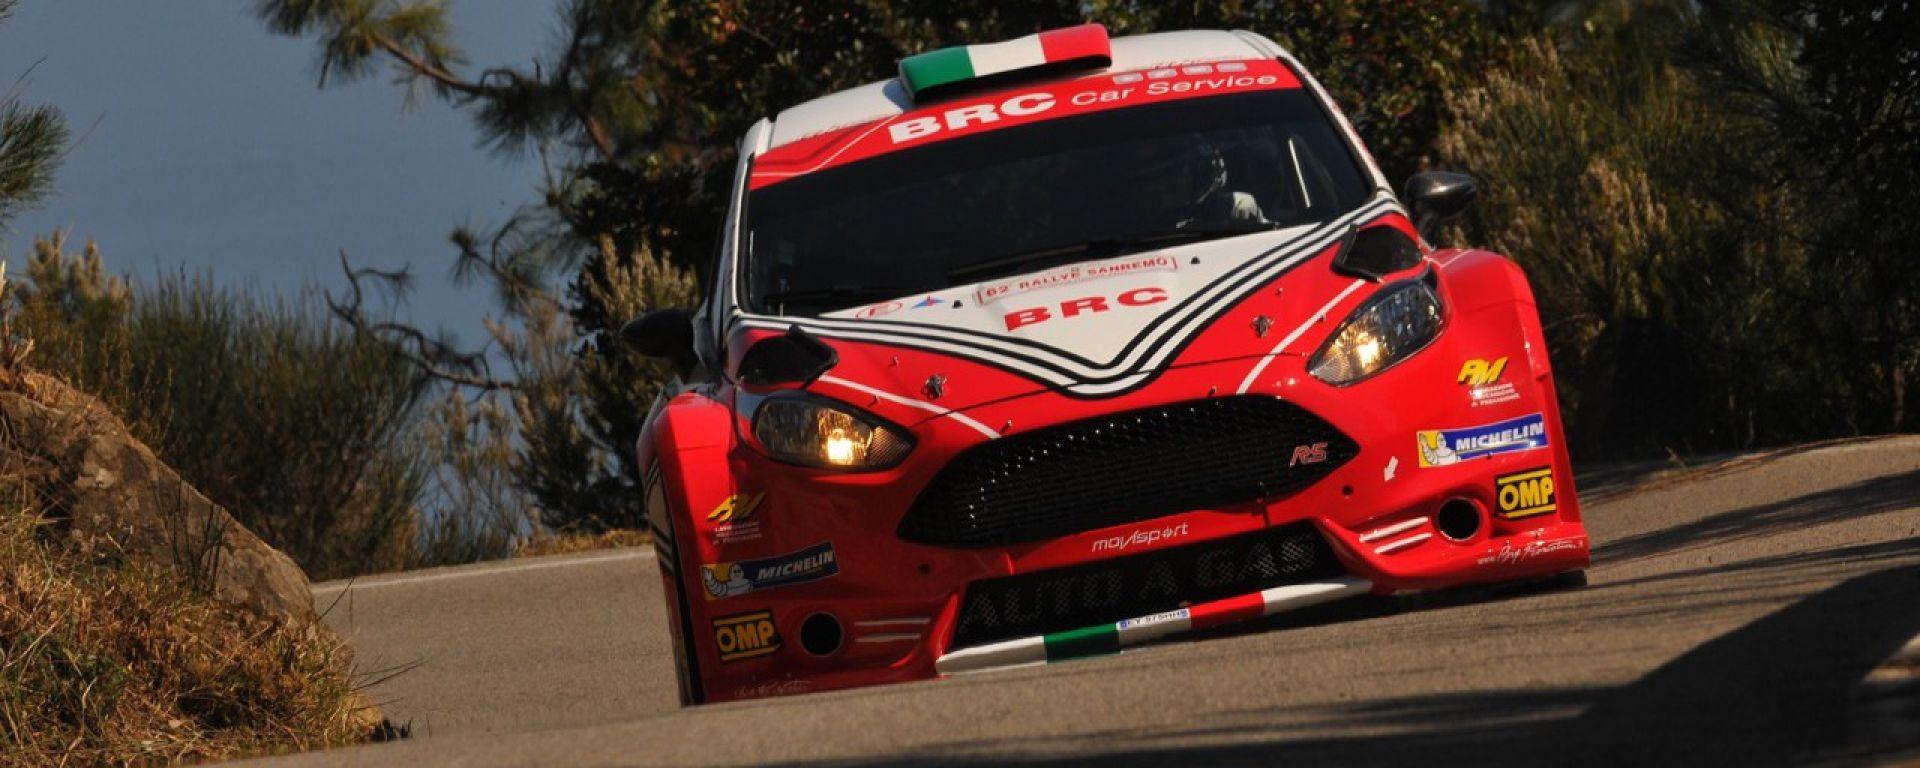 CIR 2016: Giandomenico Basso e il team Brc vincono la prima tappa del rally Targa Florio